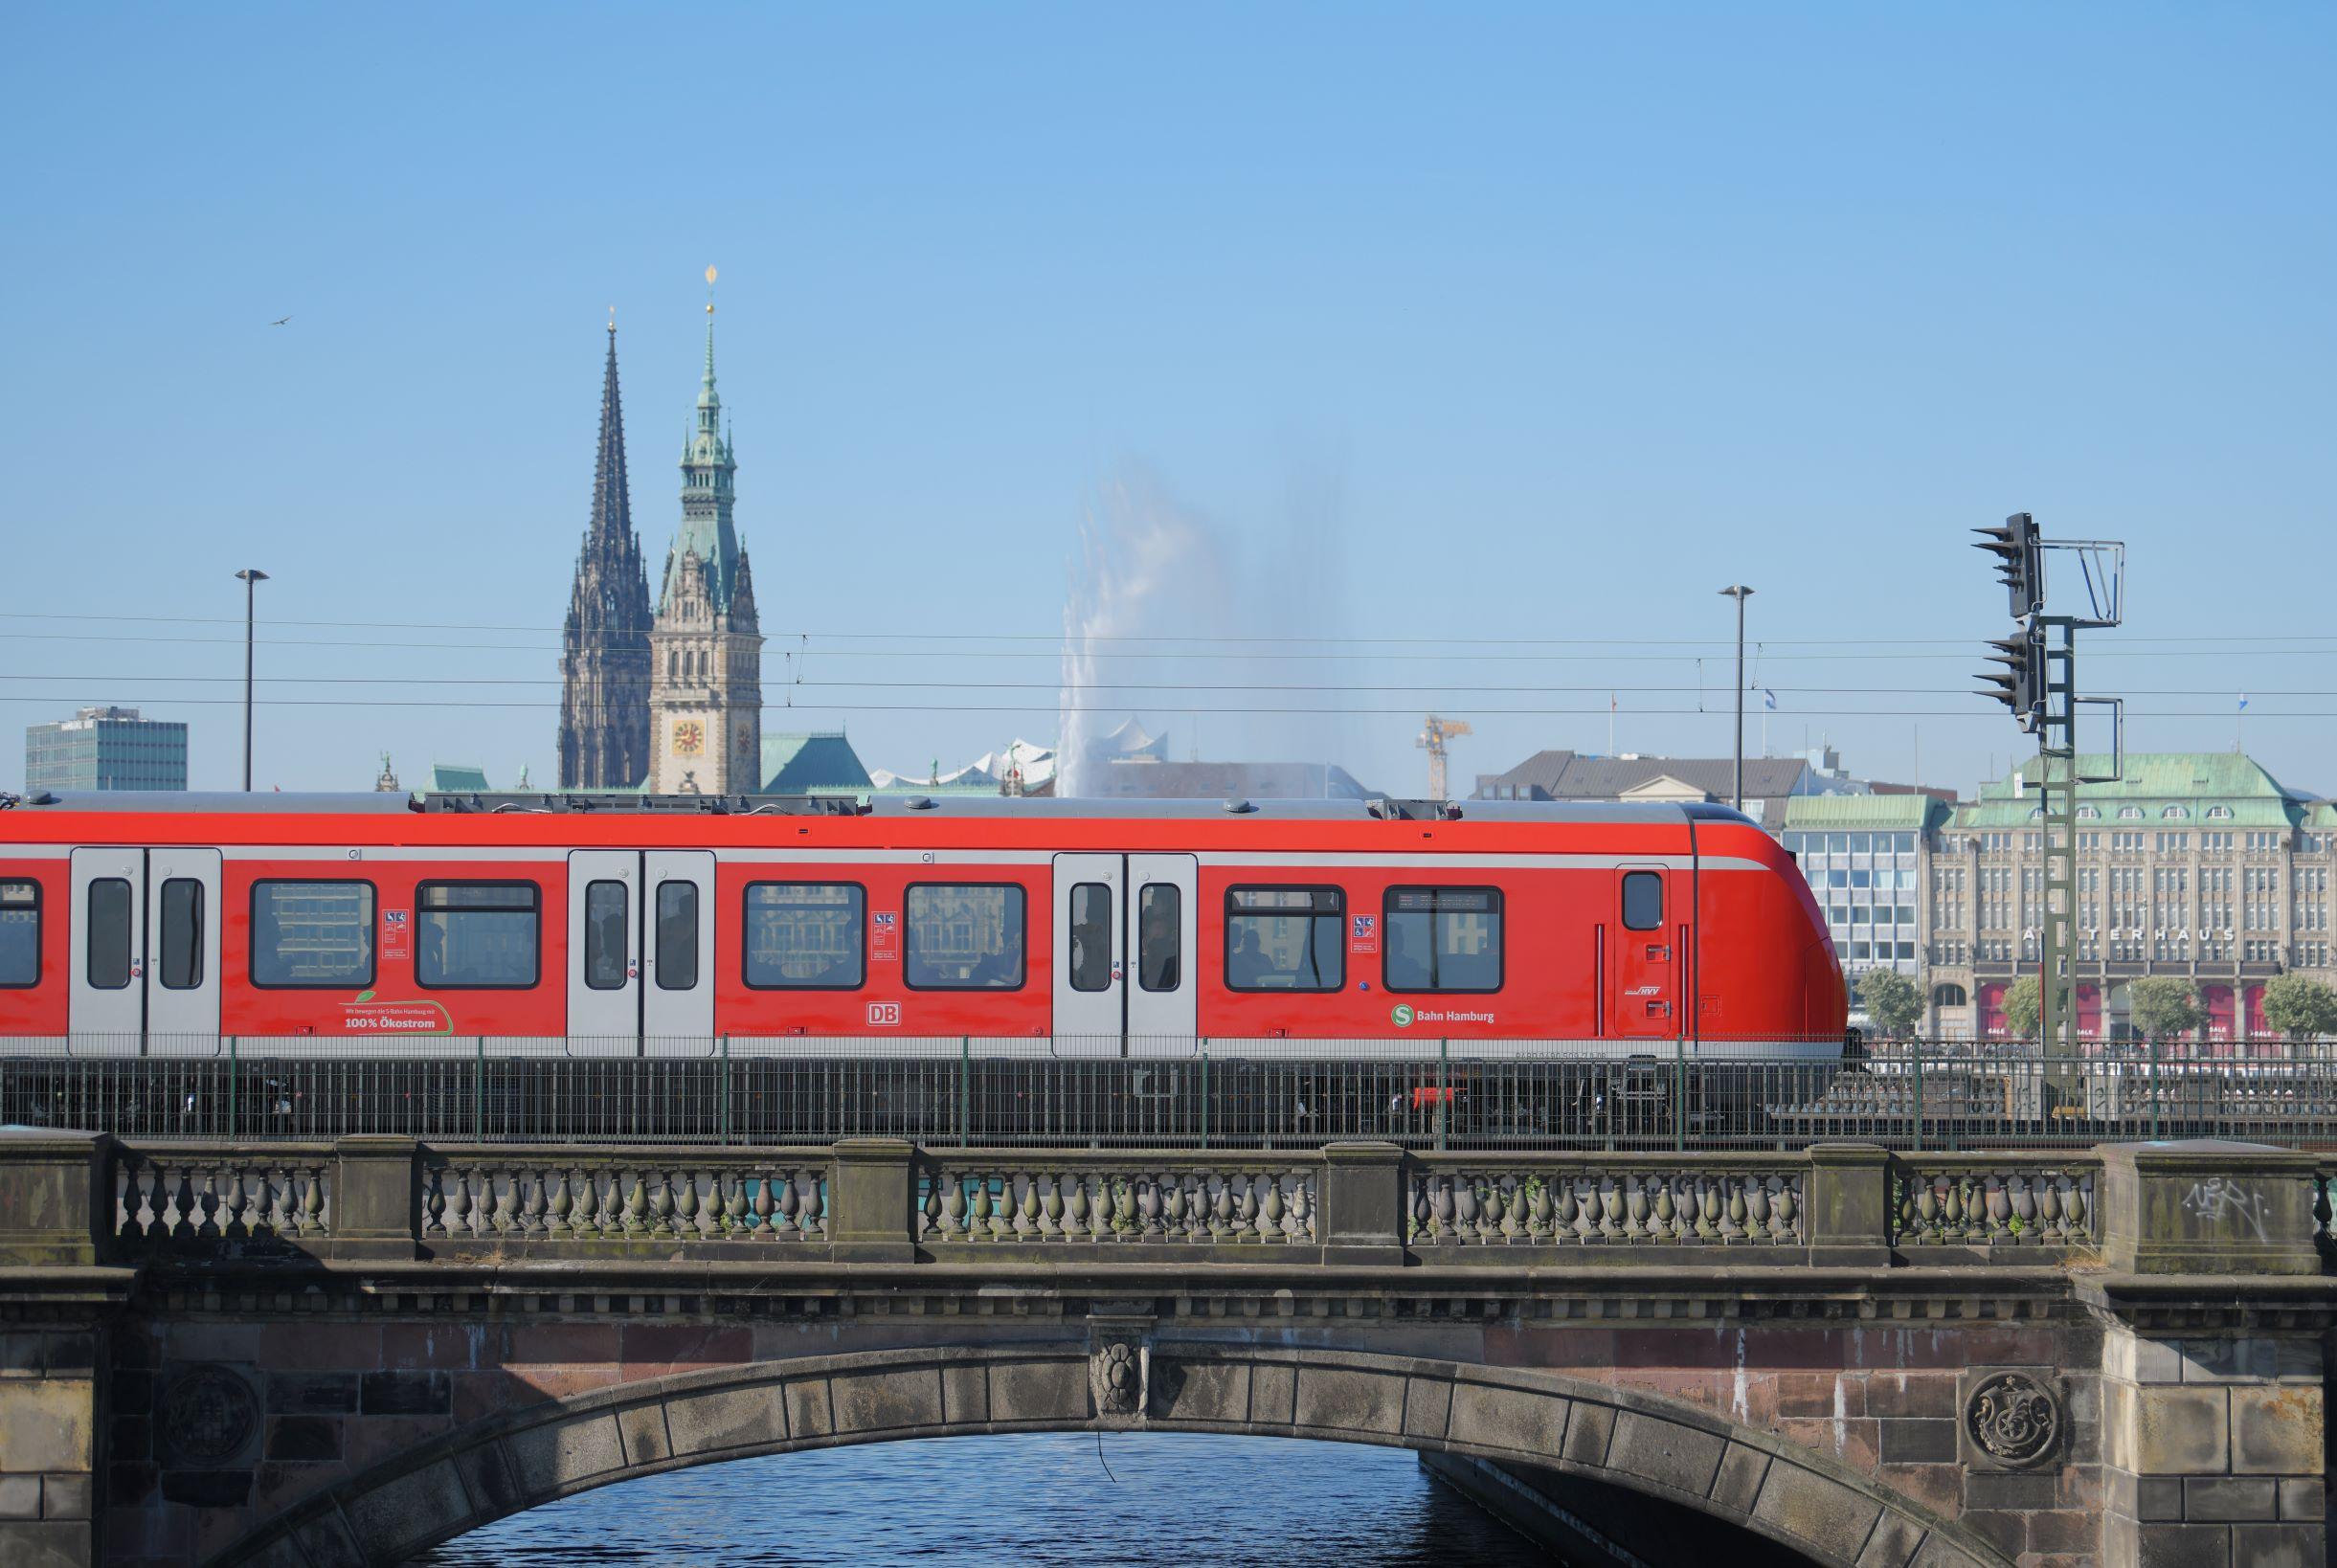 Alstom Class 490 S-Bahn